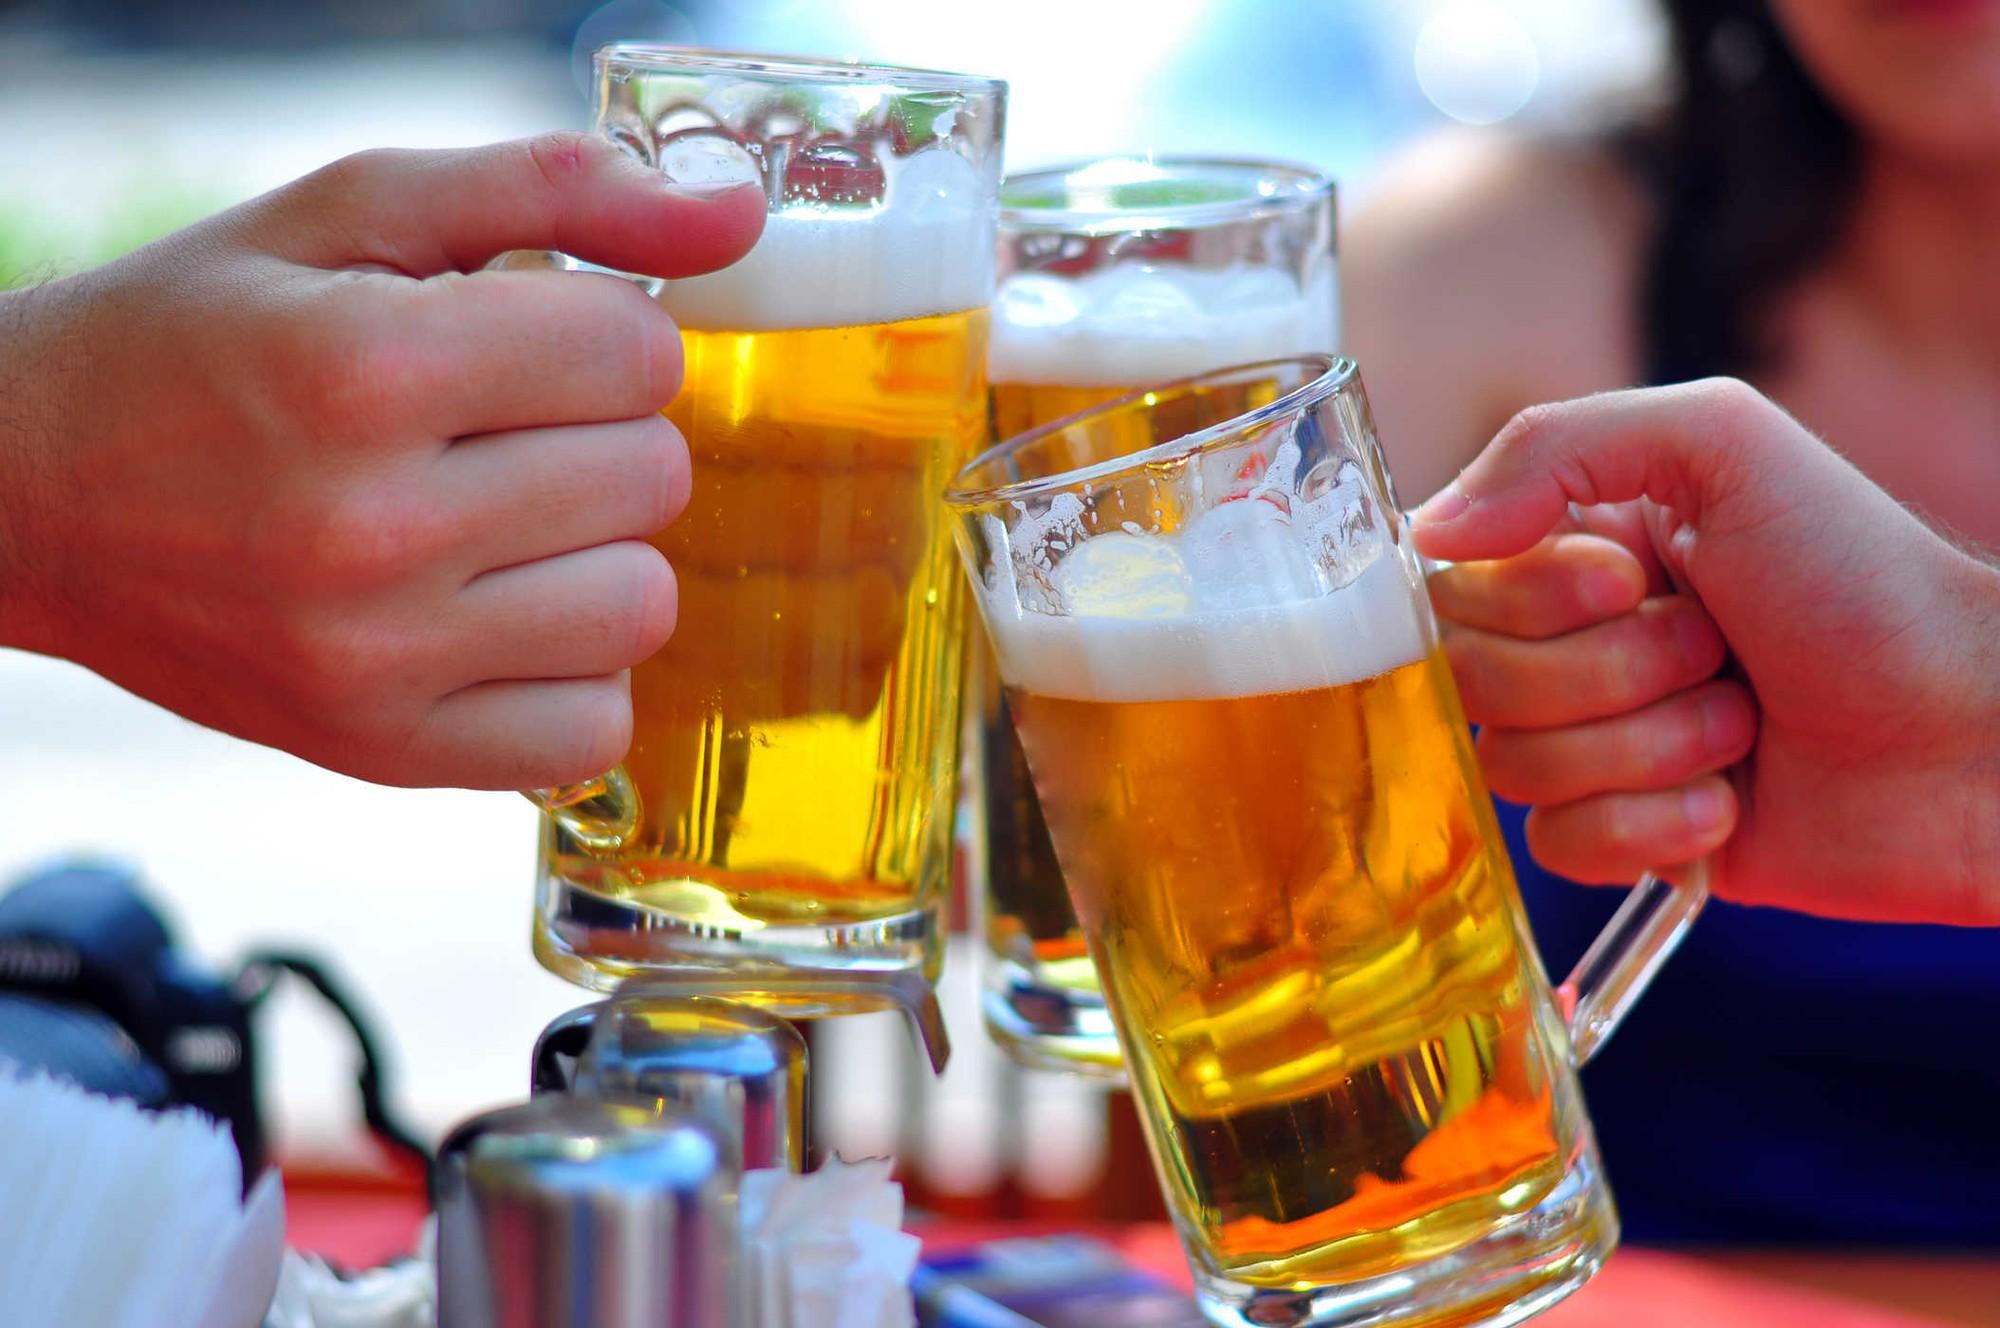 Uống rượu bia ở nơi công cộng có bị cấm không?